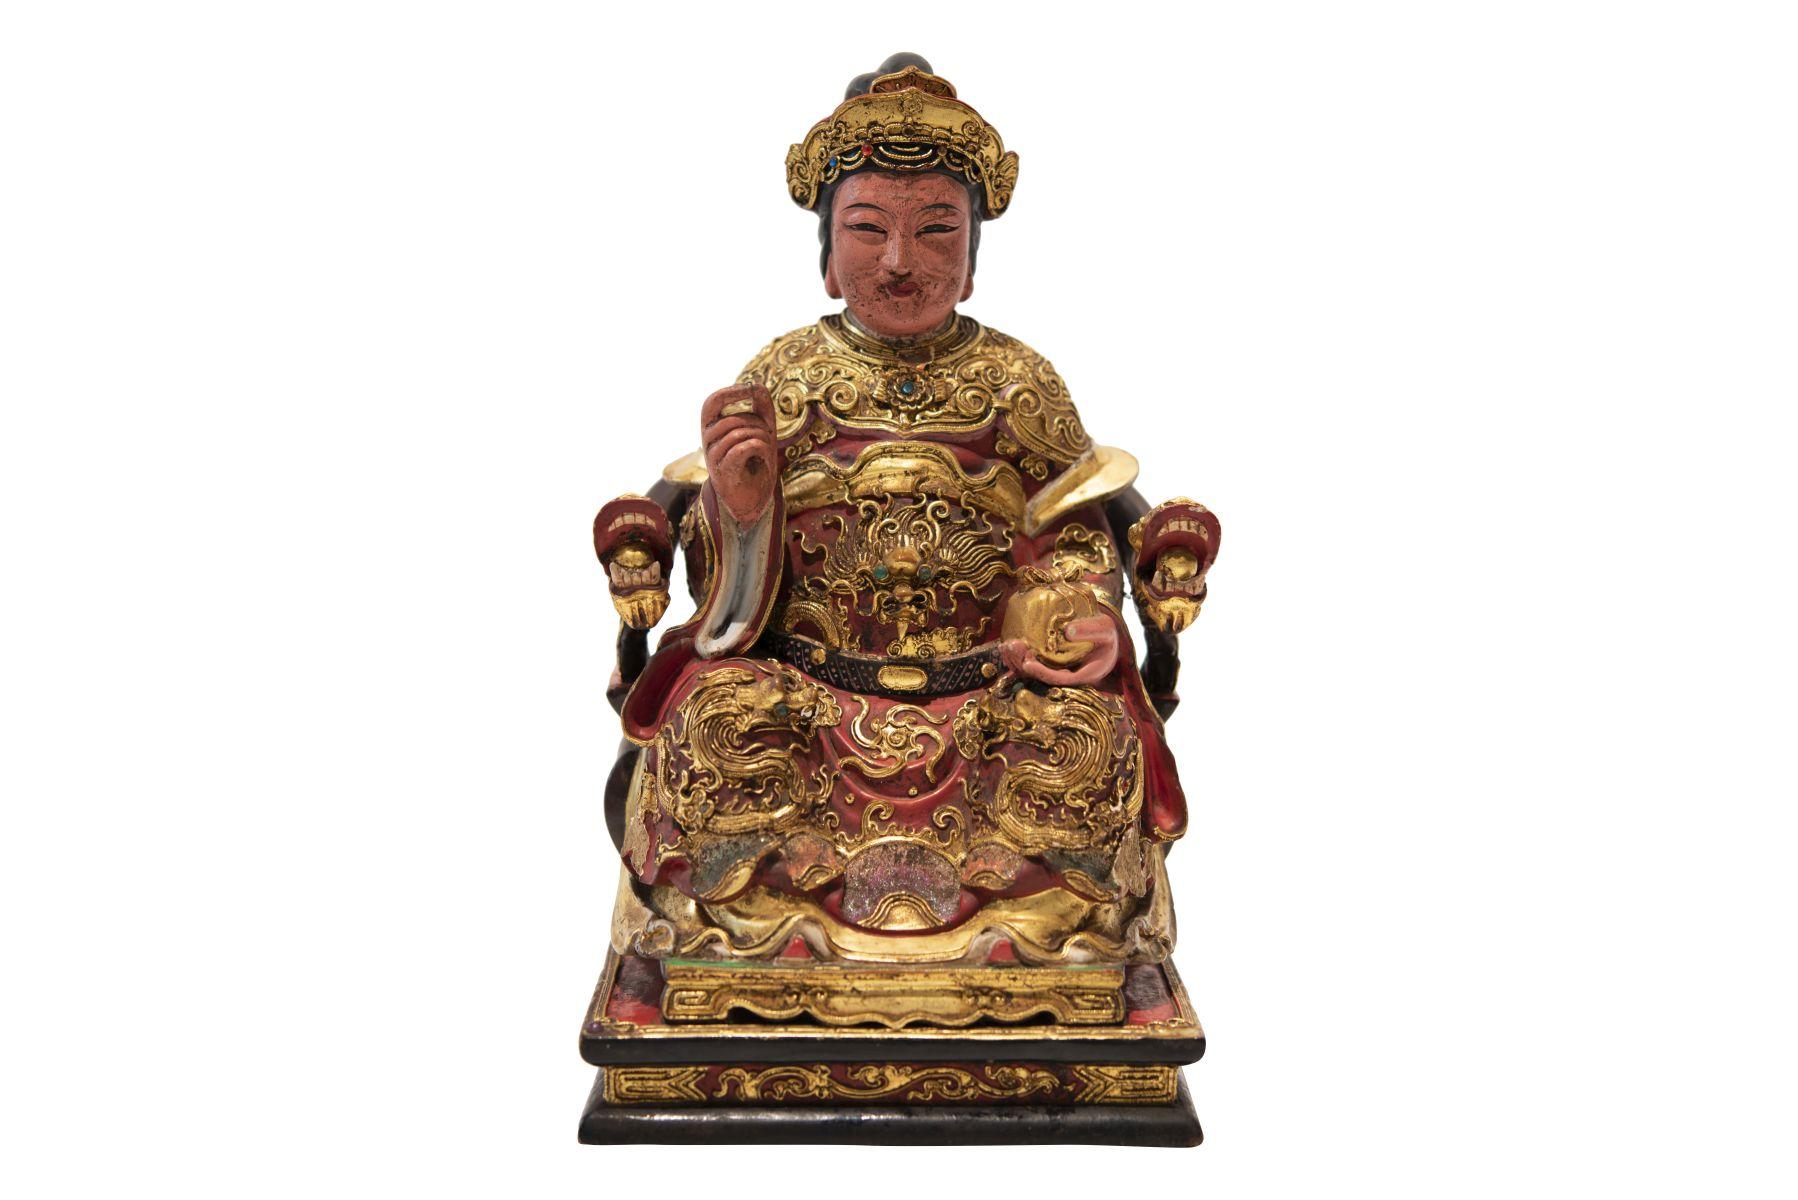 #24 A polycrom varnished and gilded wooden figure by Guandi, | Eine polycrom lackierte und vergoldete Holzfigur von Guandi Image